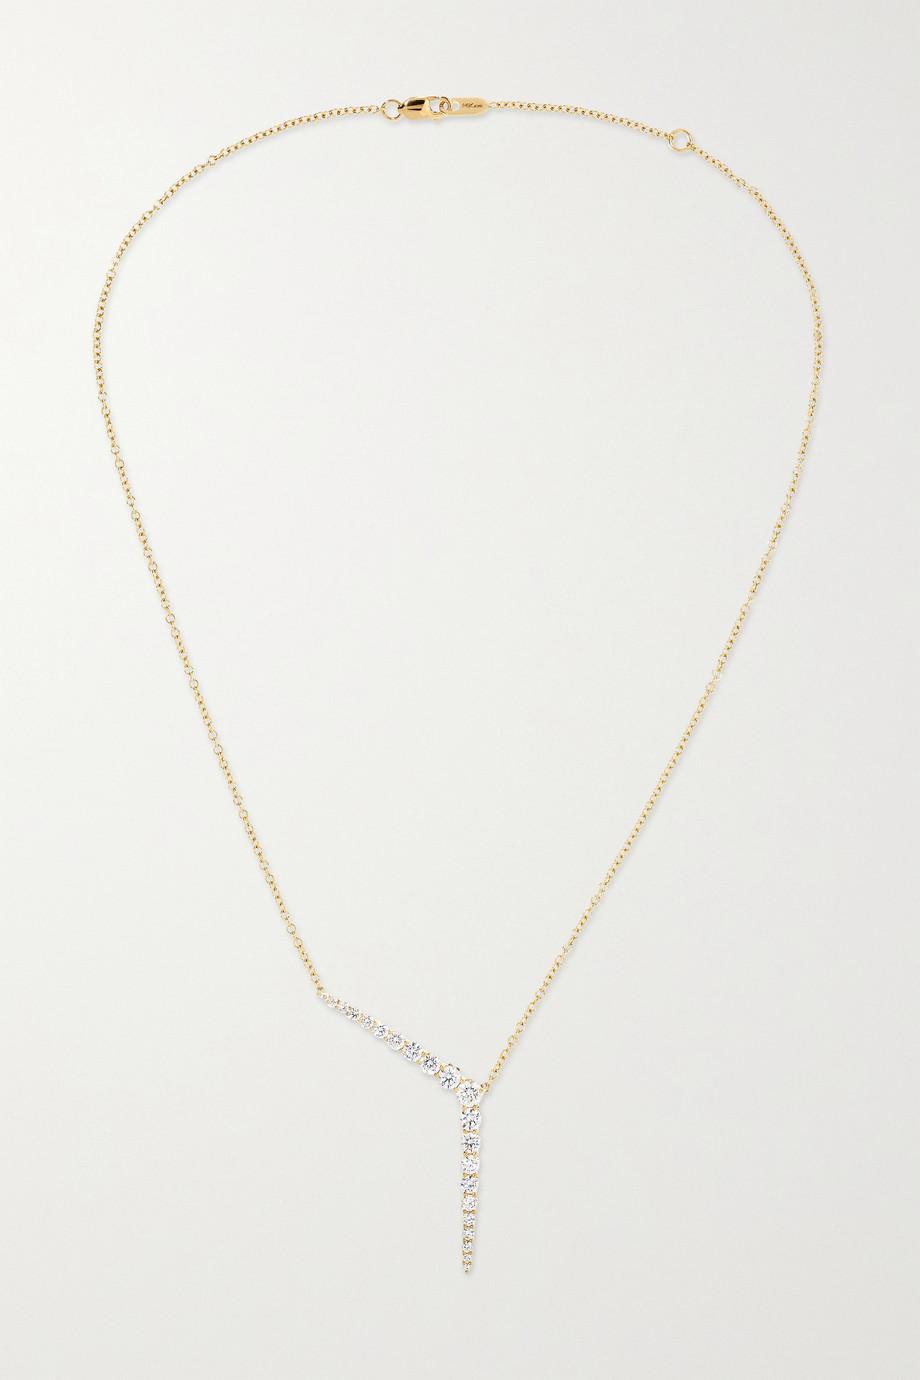 Melissa Kaye Aria Kette in Y-Form aus 18 Karat Gold mit Diamanten